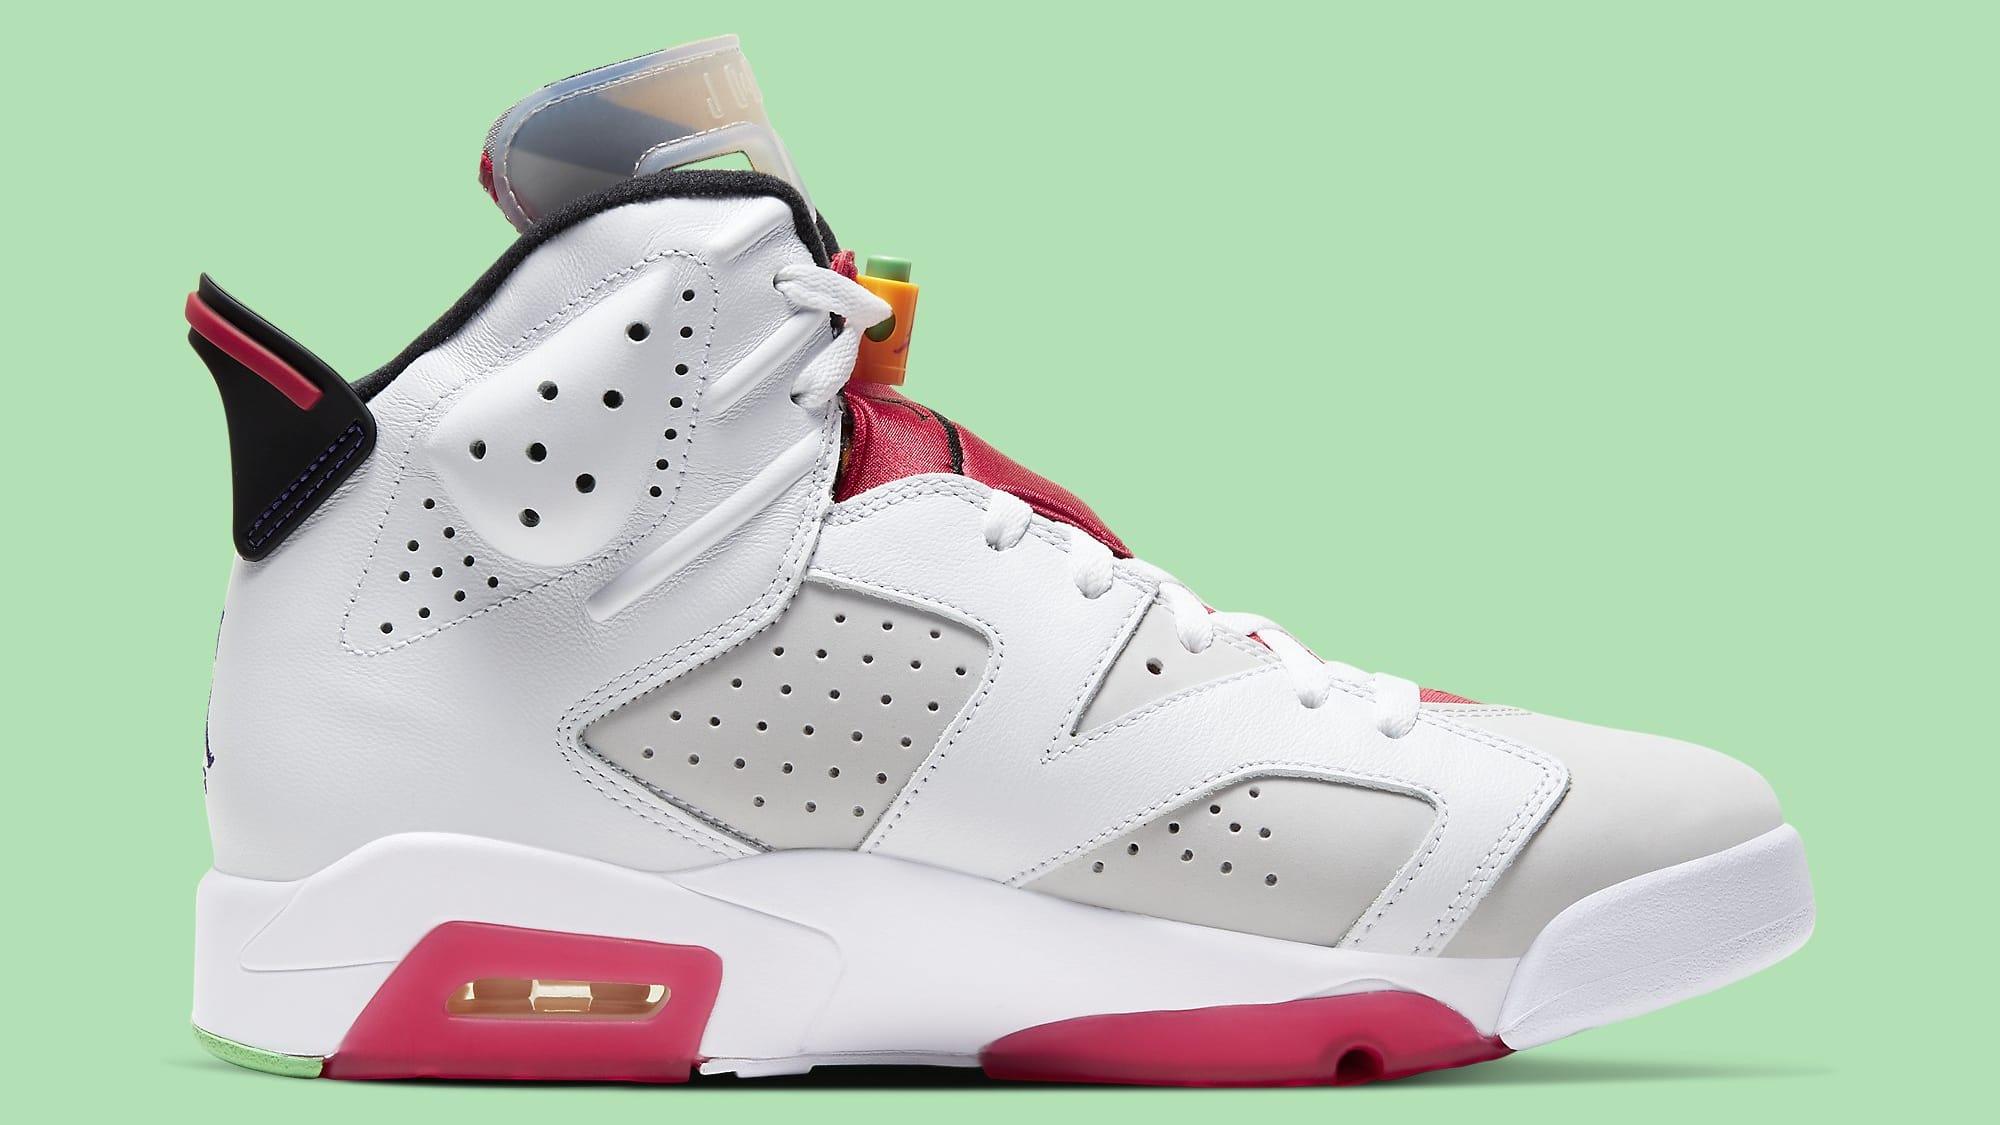 Air Jordan 6 Hare Release Date CT8529-062 Medial